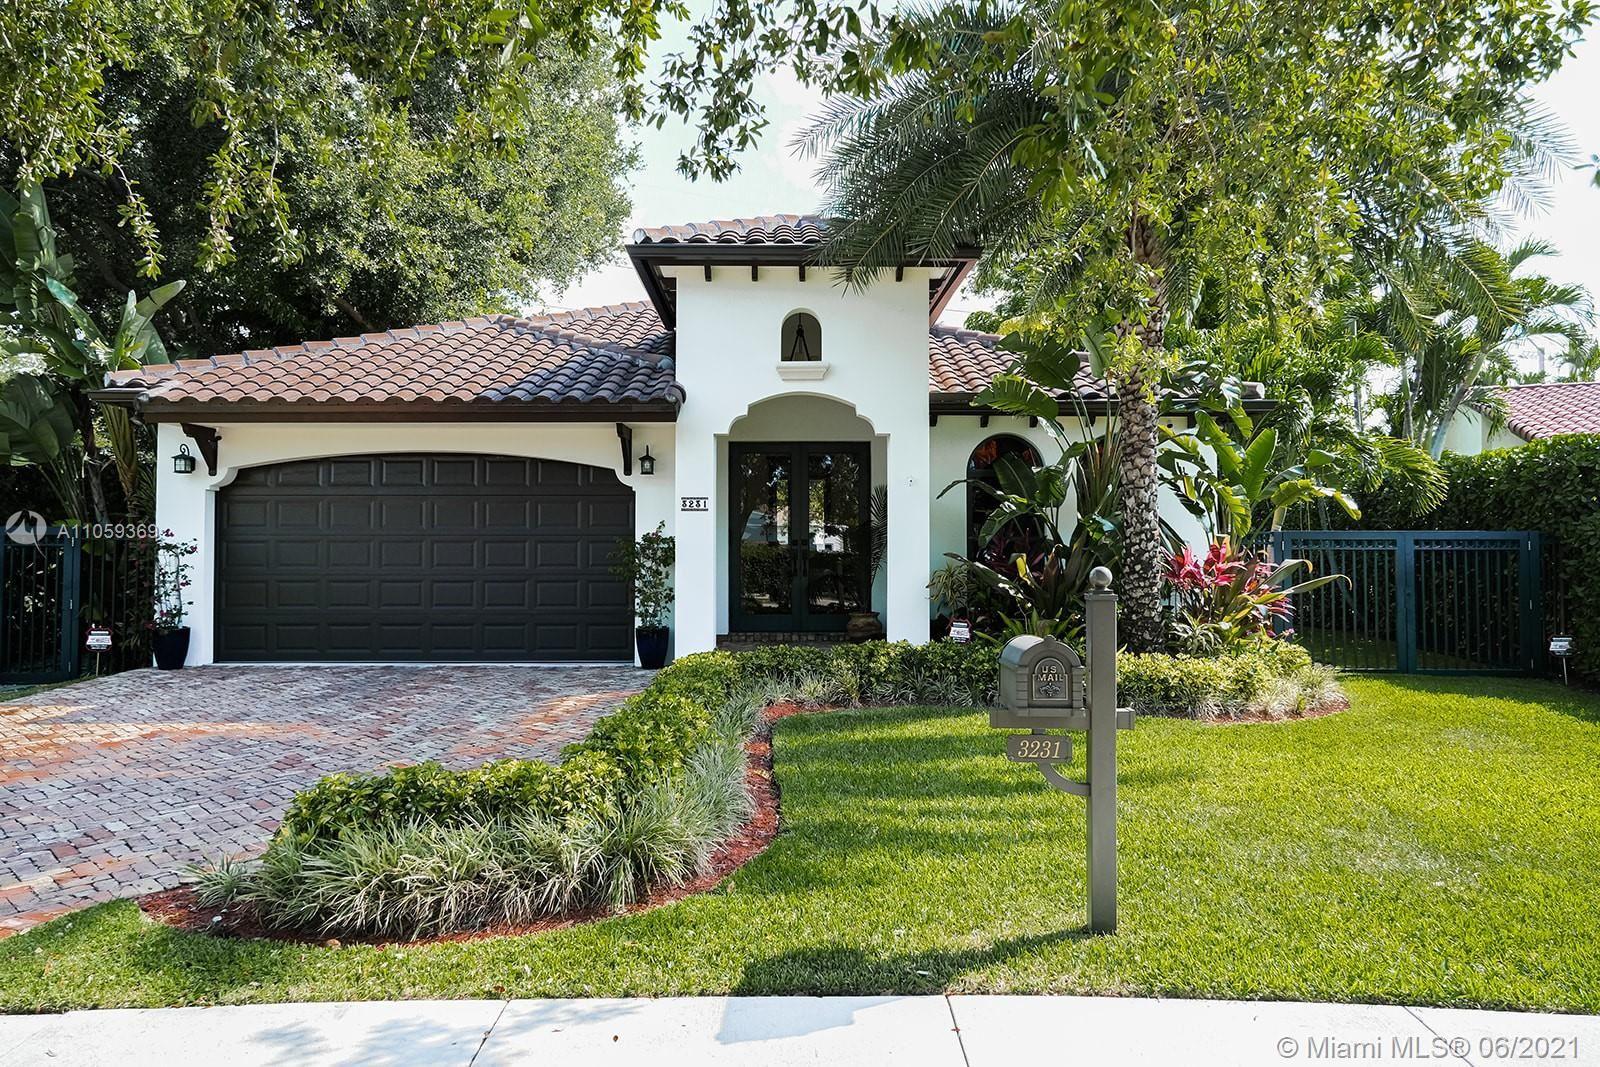 3231 SW 16th Ter, Miami, FL 33145 - #: A11059369